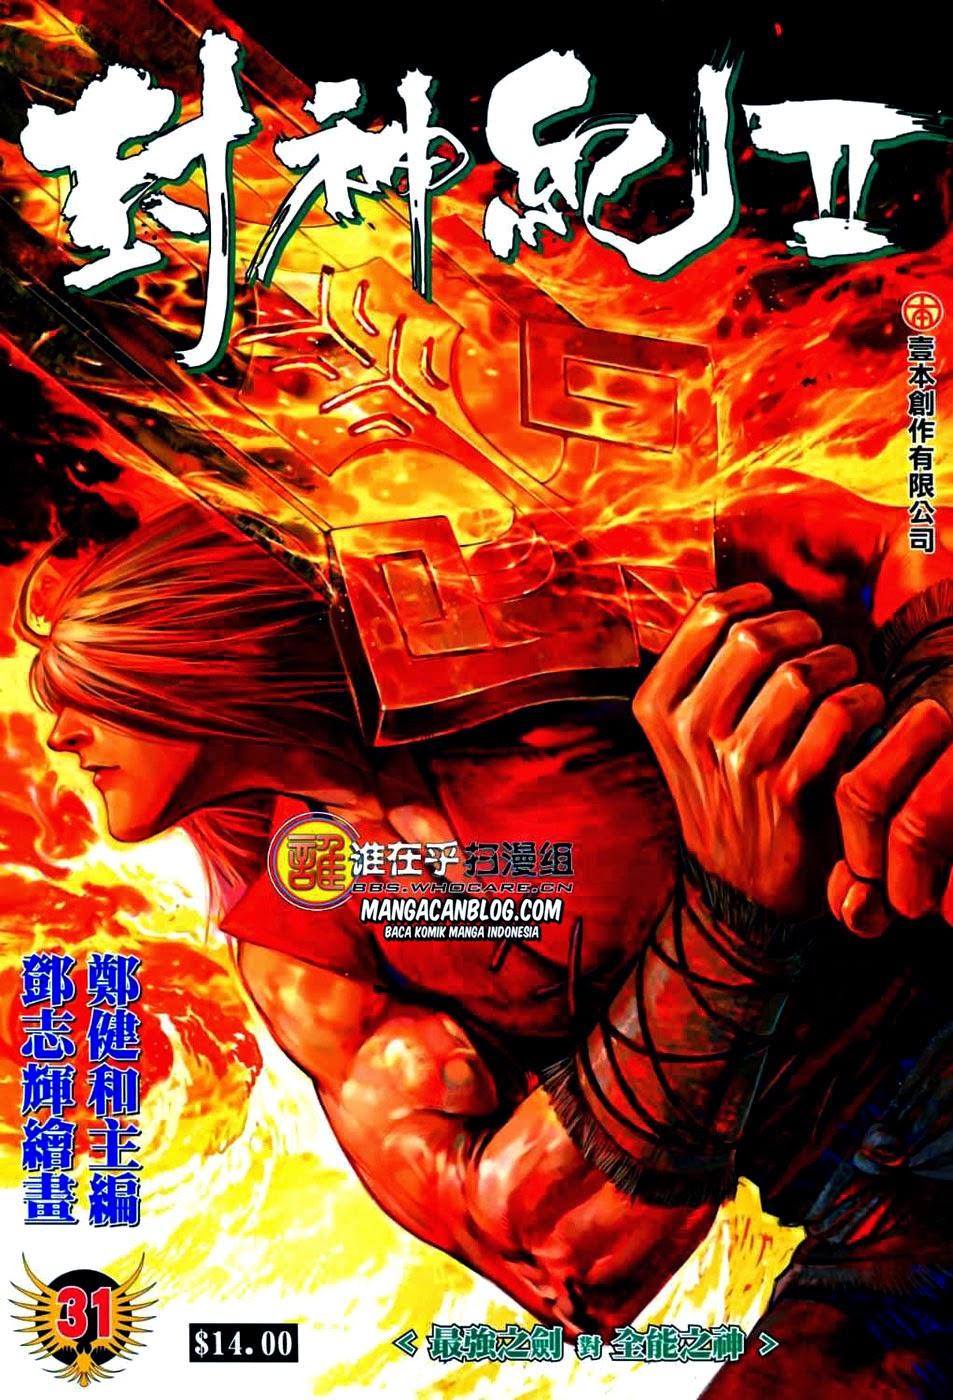 Dilarang COPAS - situs resmi www.mangacanblog.com - Komik feng shen ji 2 031 - Pedang Terkuat Melawan Dewa Terkuat 32 Indonesia feng shen ji 2 031 - Pedang Terkuat Melawan Dewa Terkuat Terbaru |Baca Manga Komik Indonesia|Mangacan